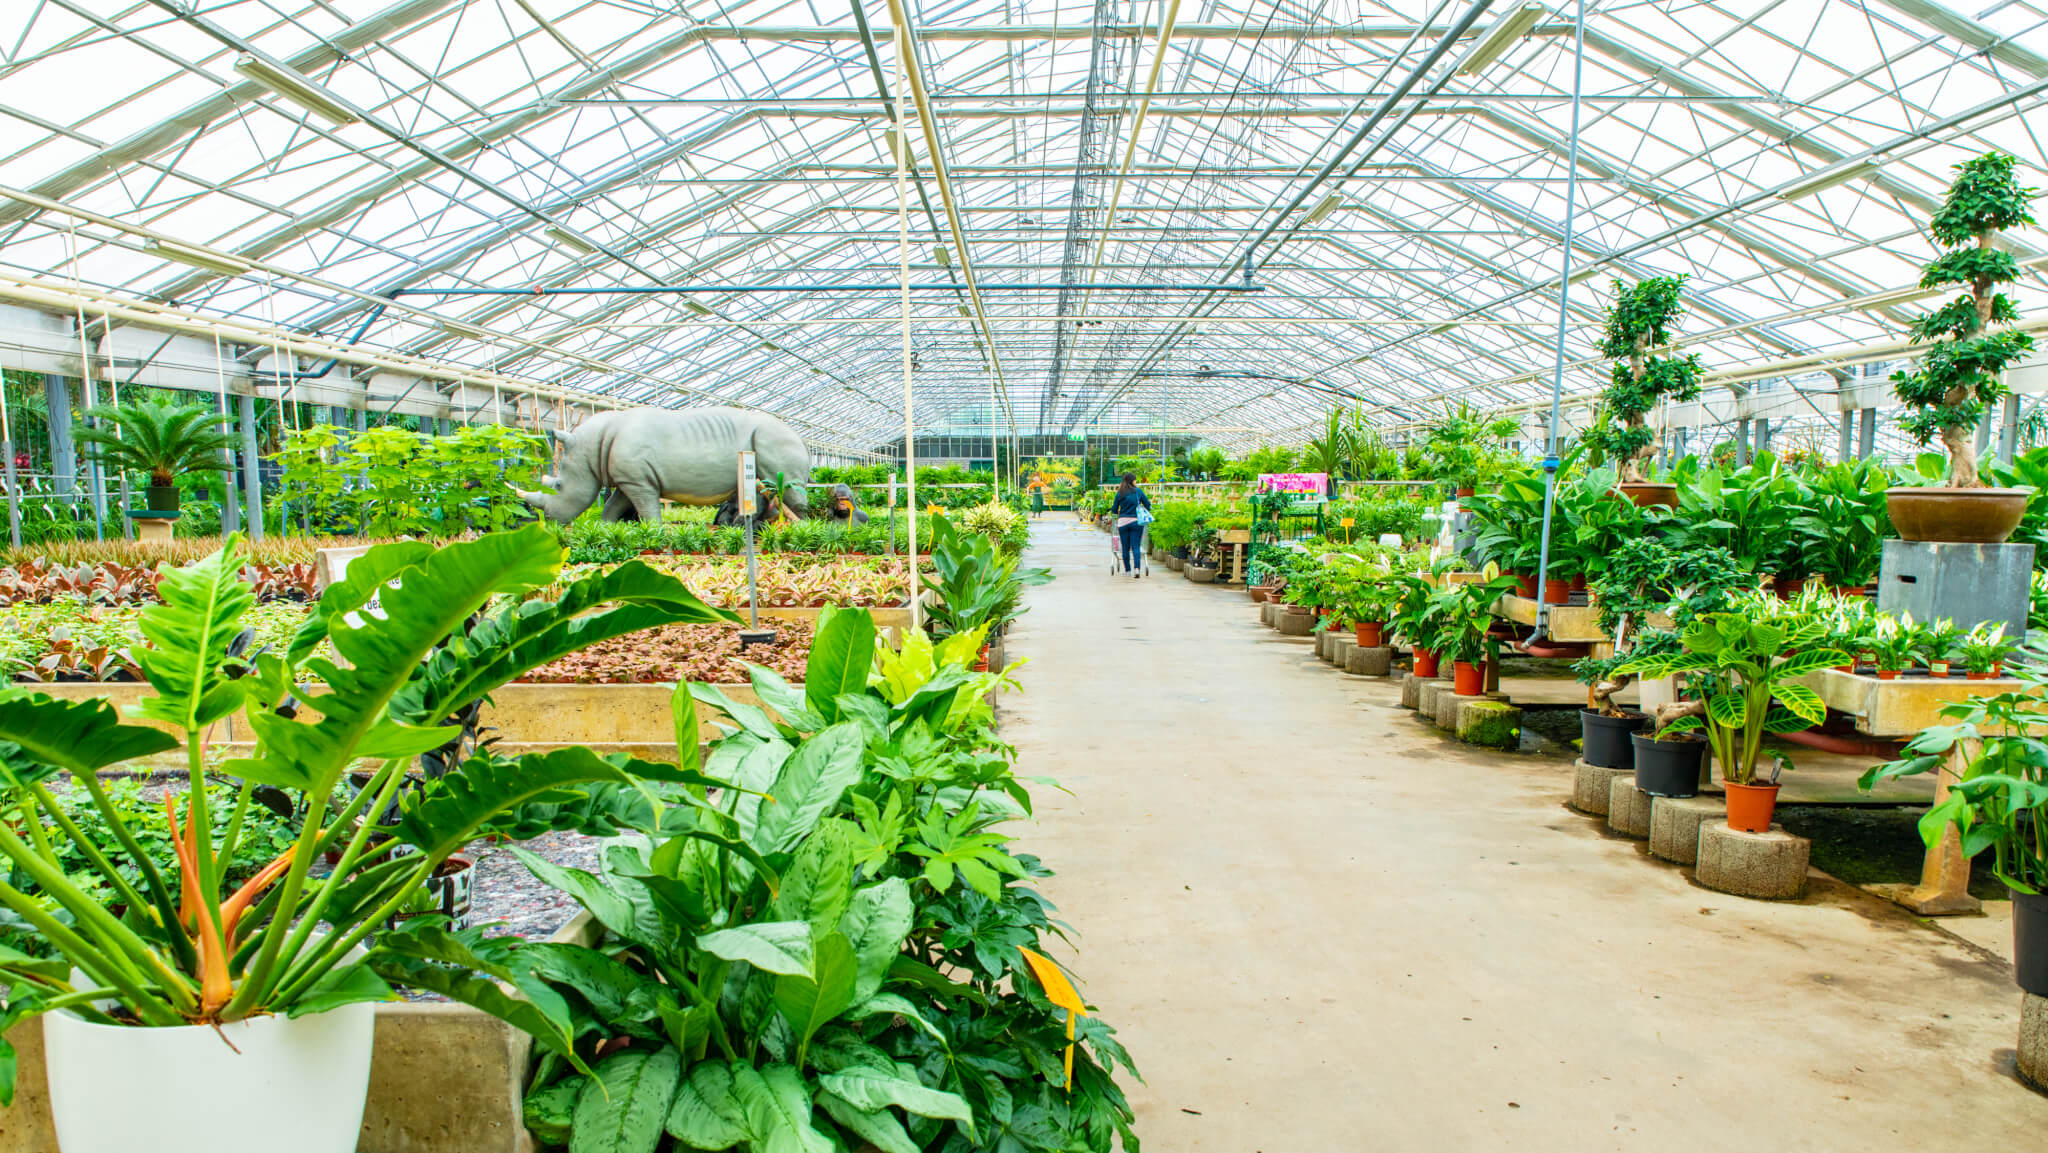 Tuincentrum het Oosten in Aalsmeer